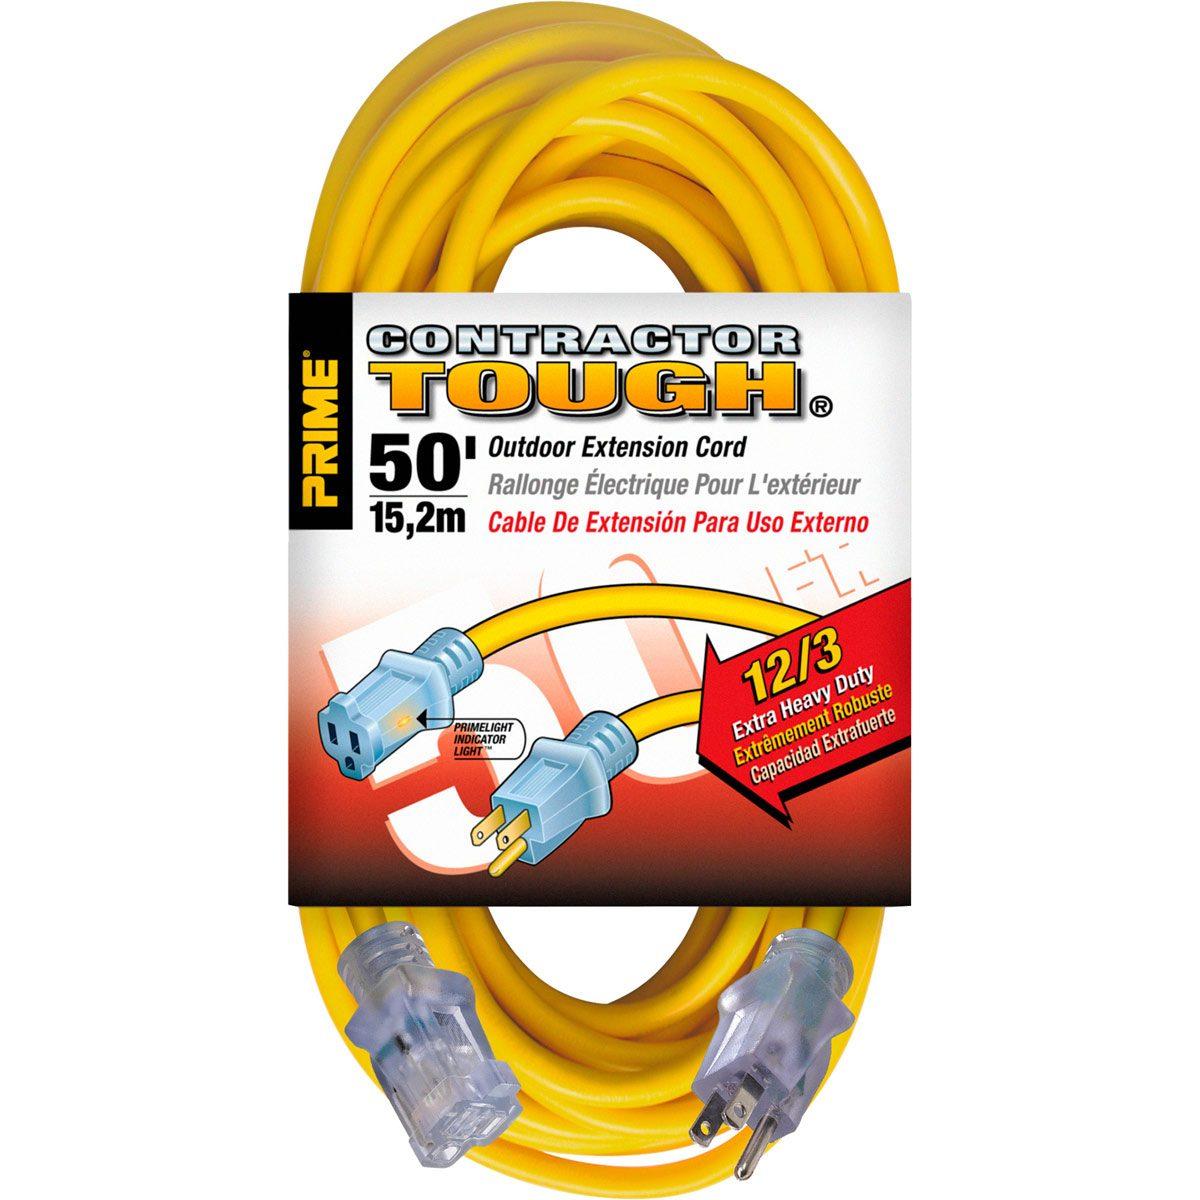 Contractor-tough-extension-cord